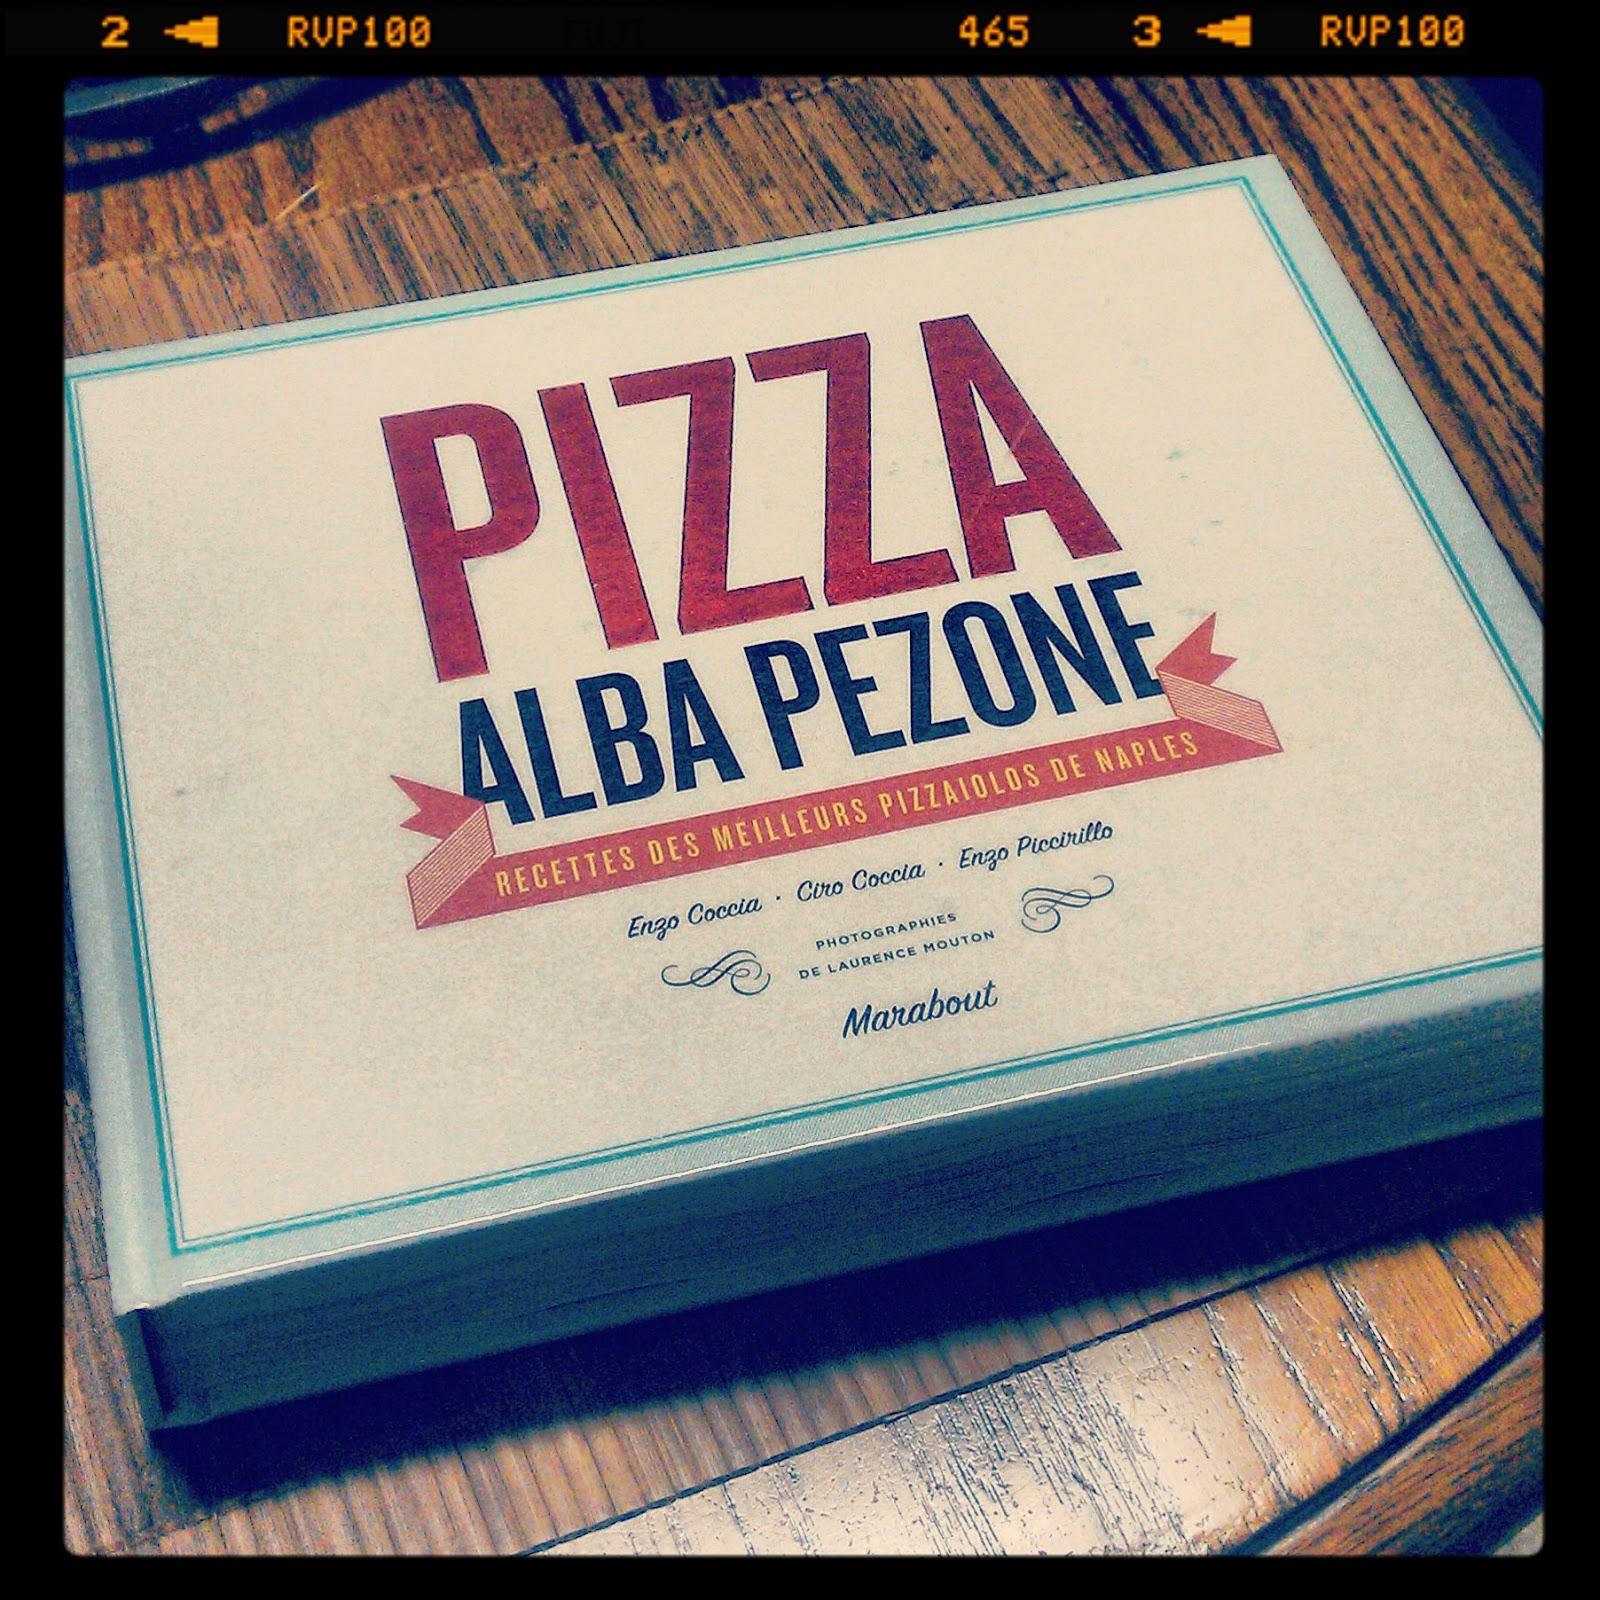 Pizza - Alba Pezone